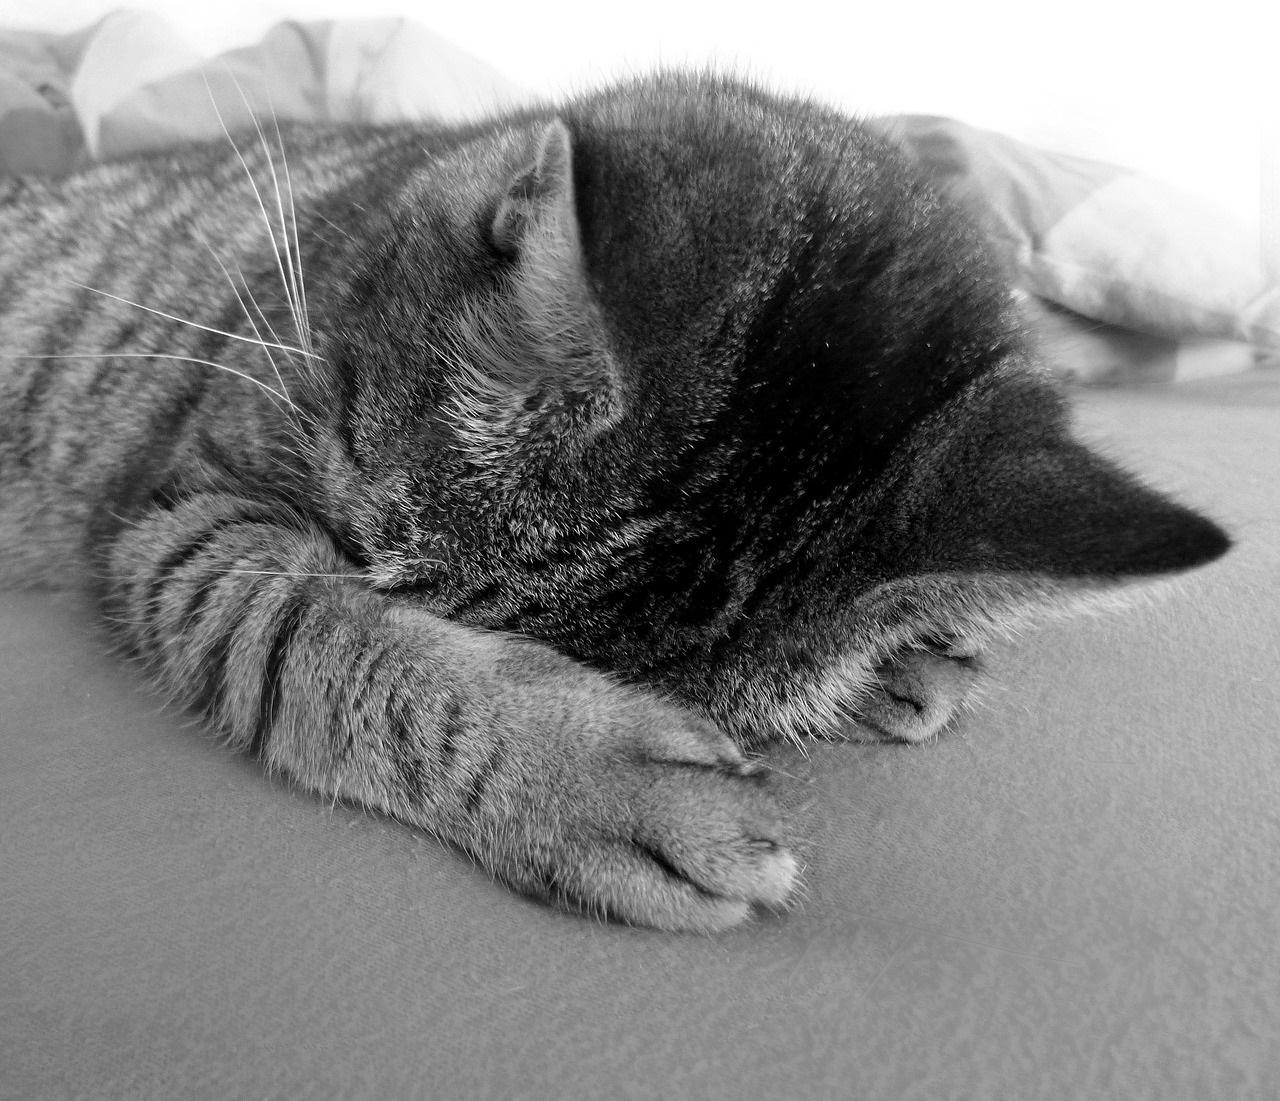 прикольные фото котов (14)